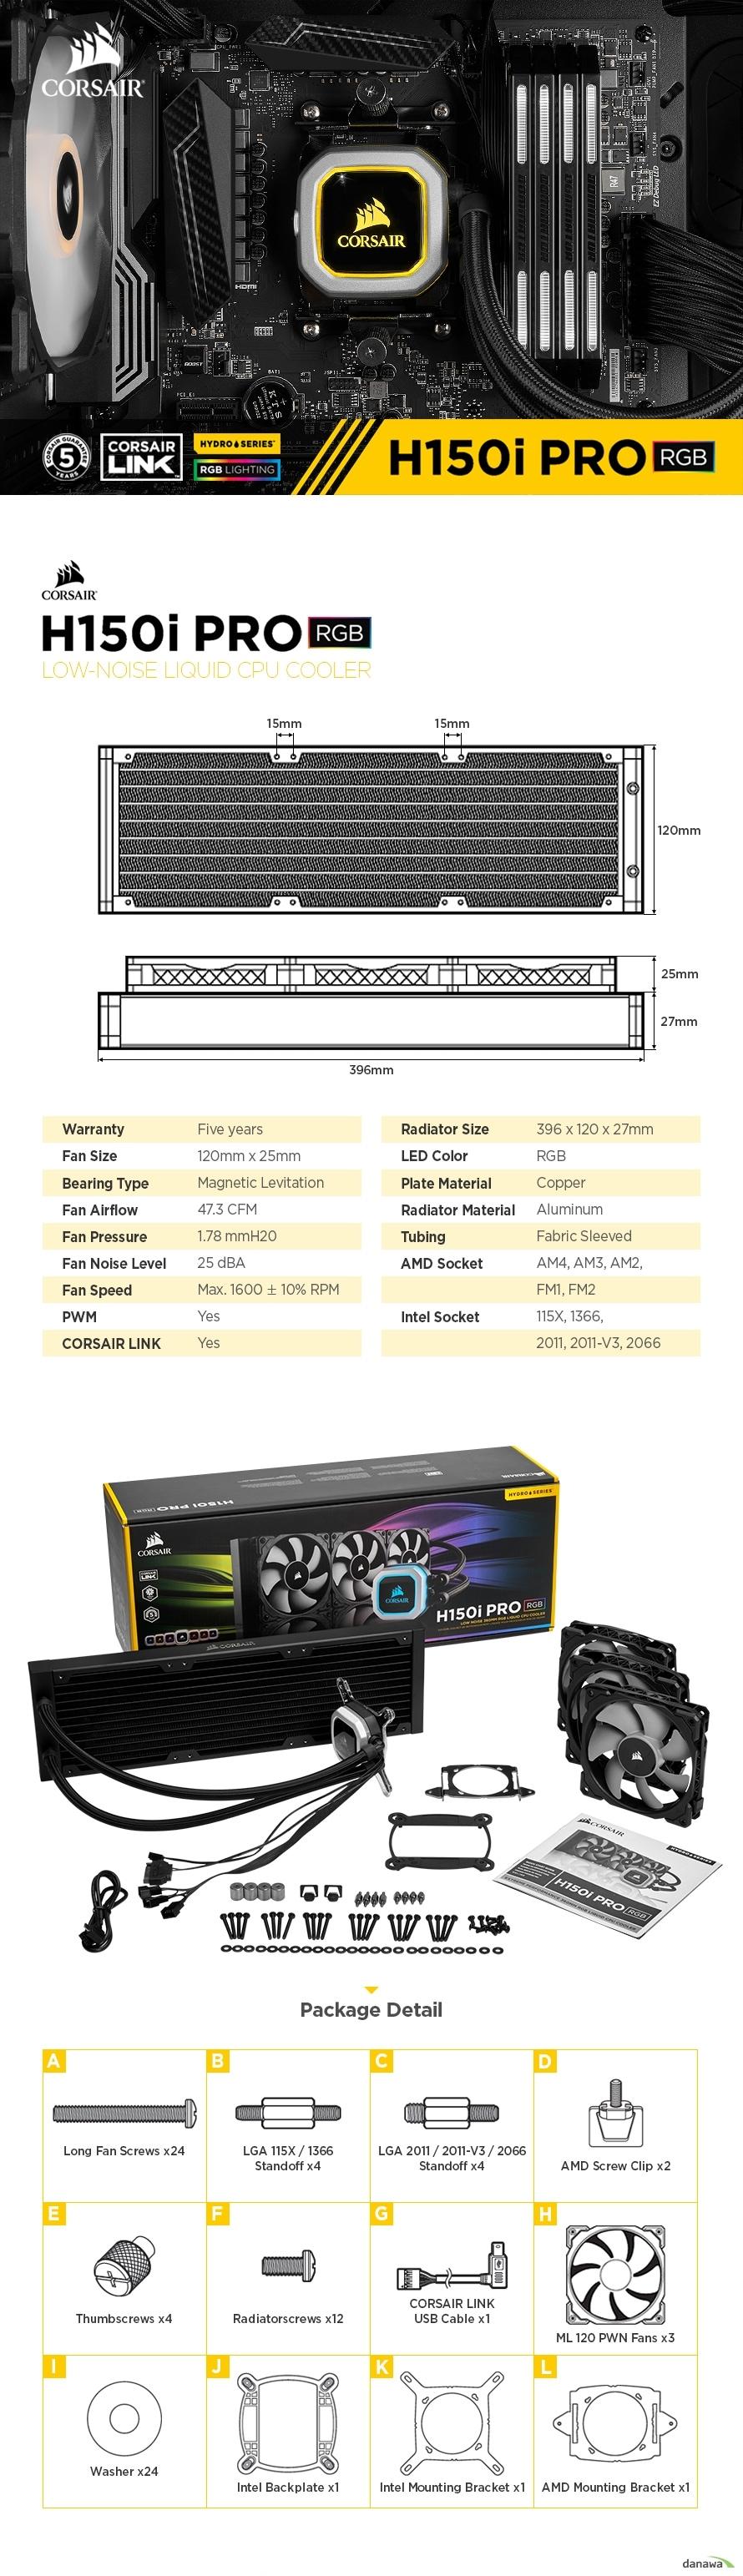 120mm x 25mm, Magnetic Levitation, 47.3 CFM, 1.78 mmH20, Max. 1600 RPM